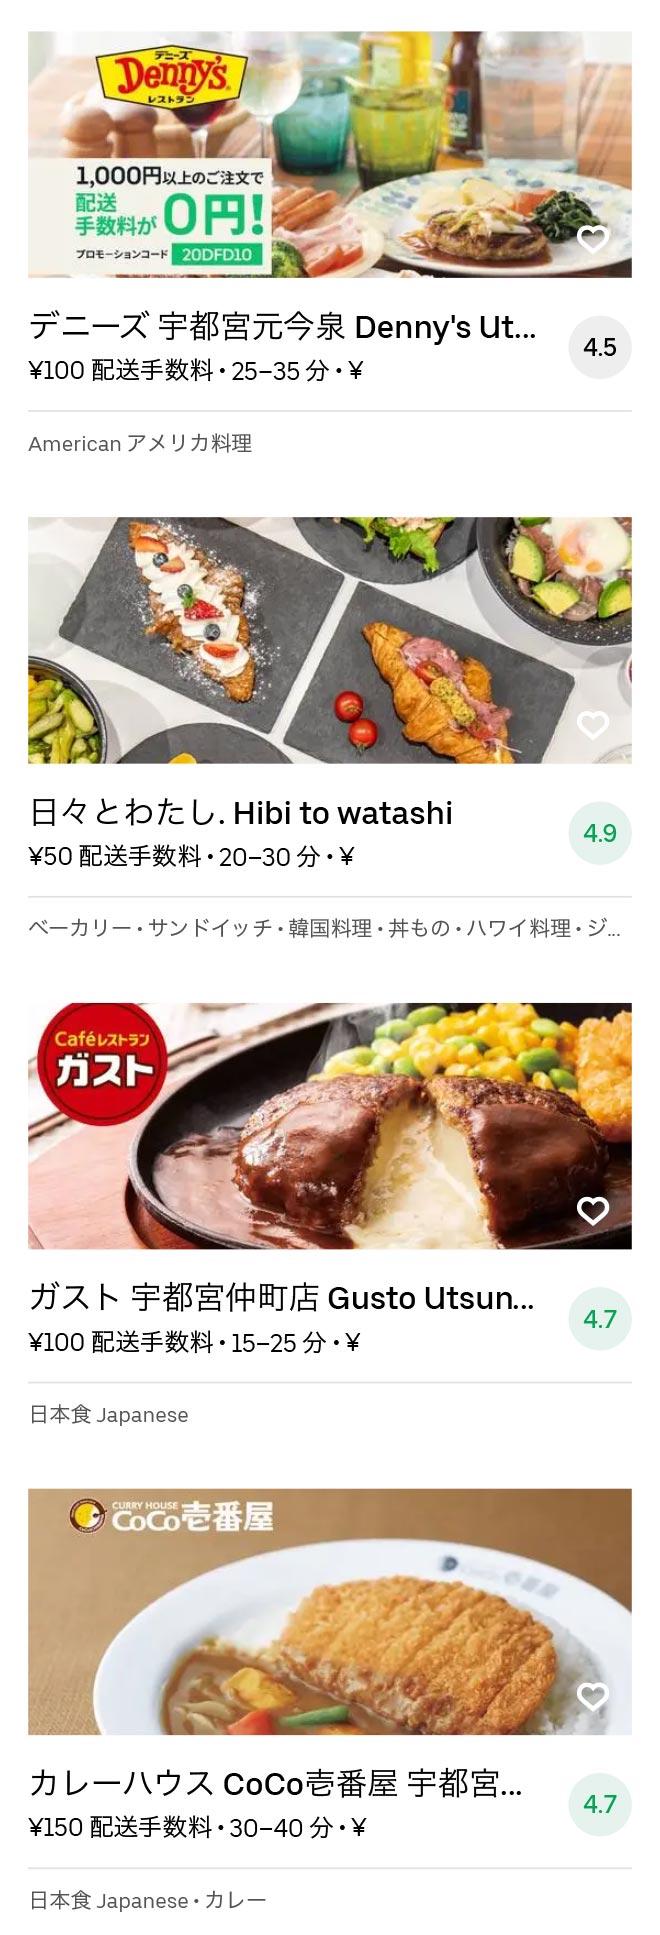 Tobu utsunomiya menu 2010 10